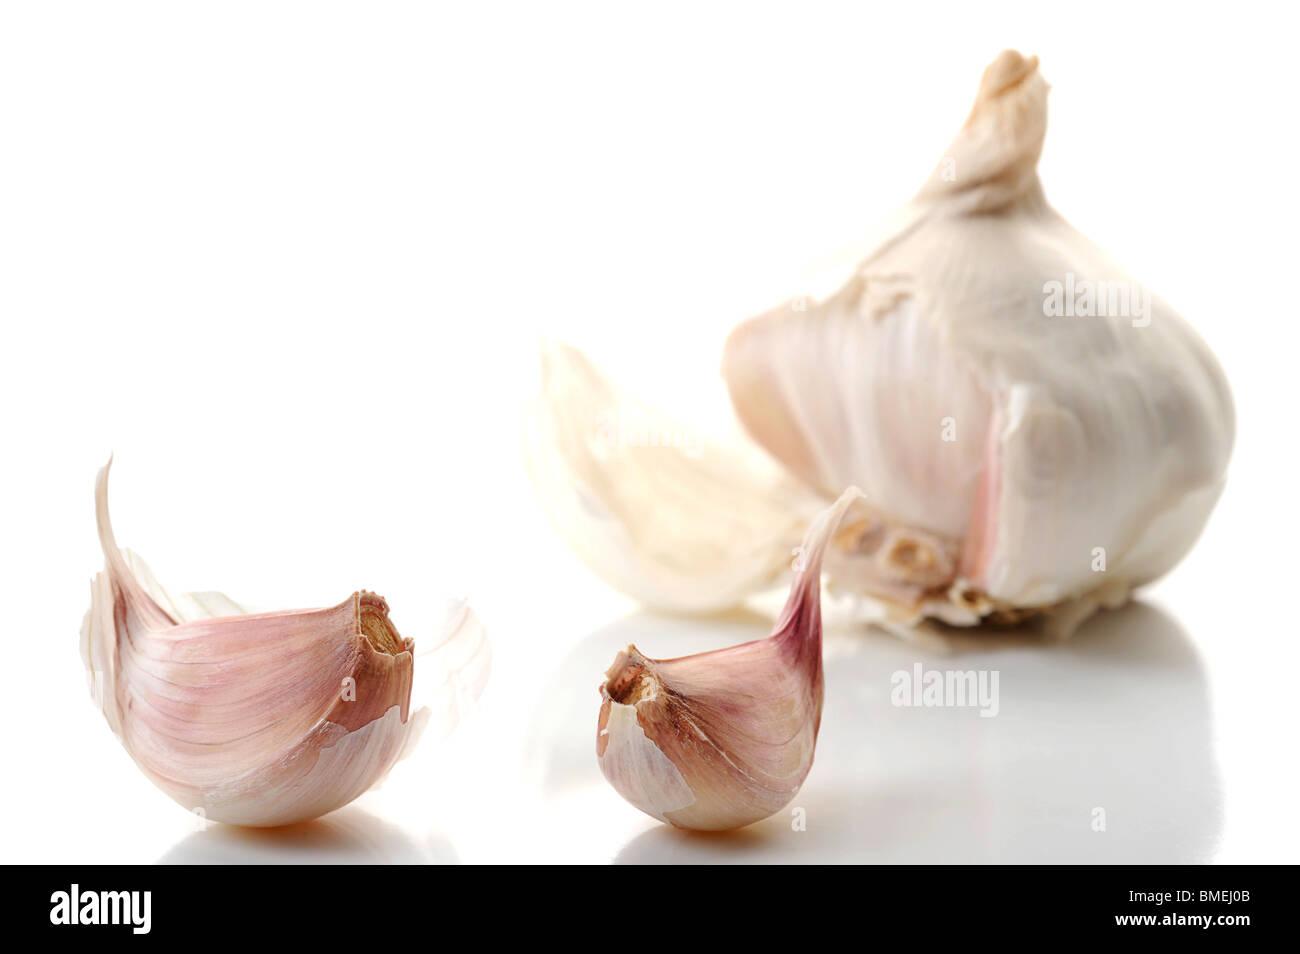 Extreme close-up image of garlic studio isolated on white background - Stock Image